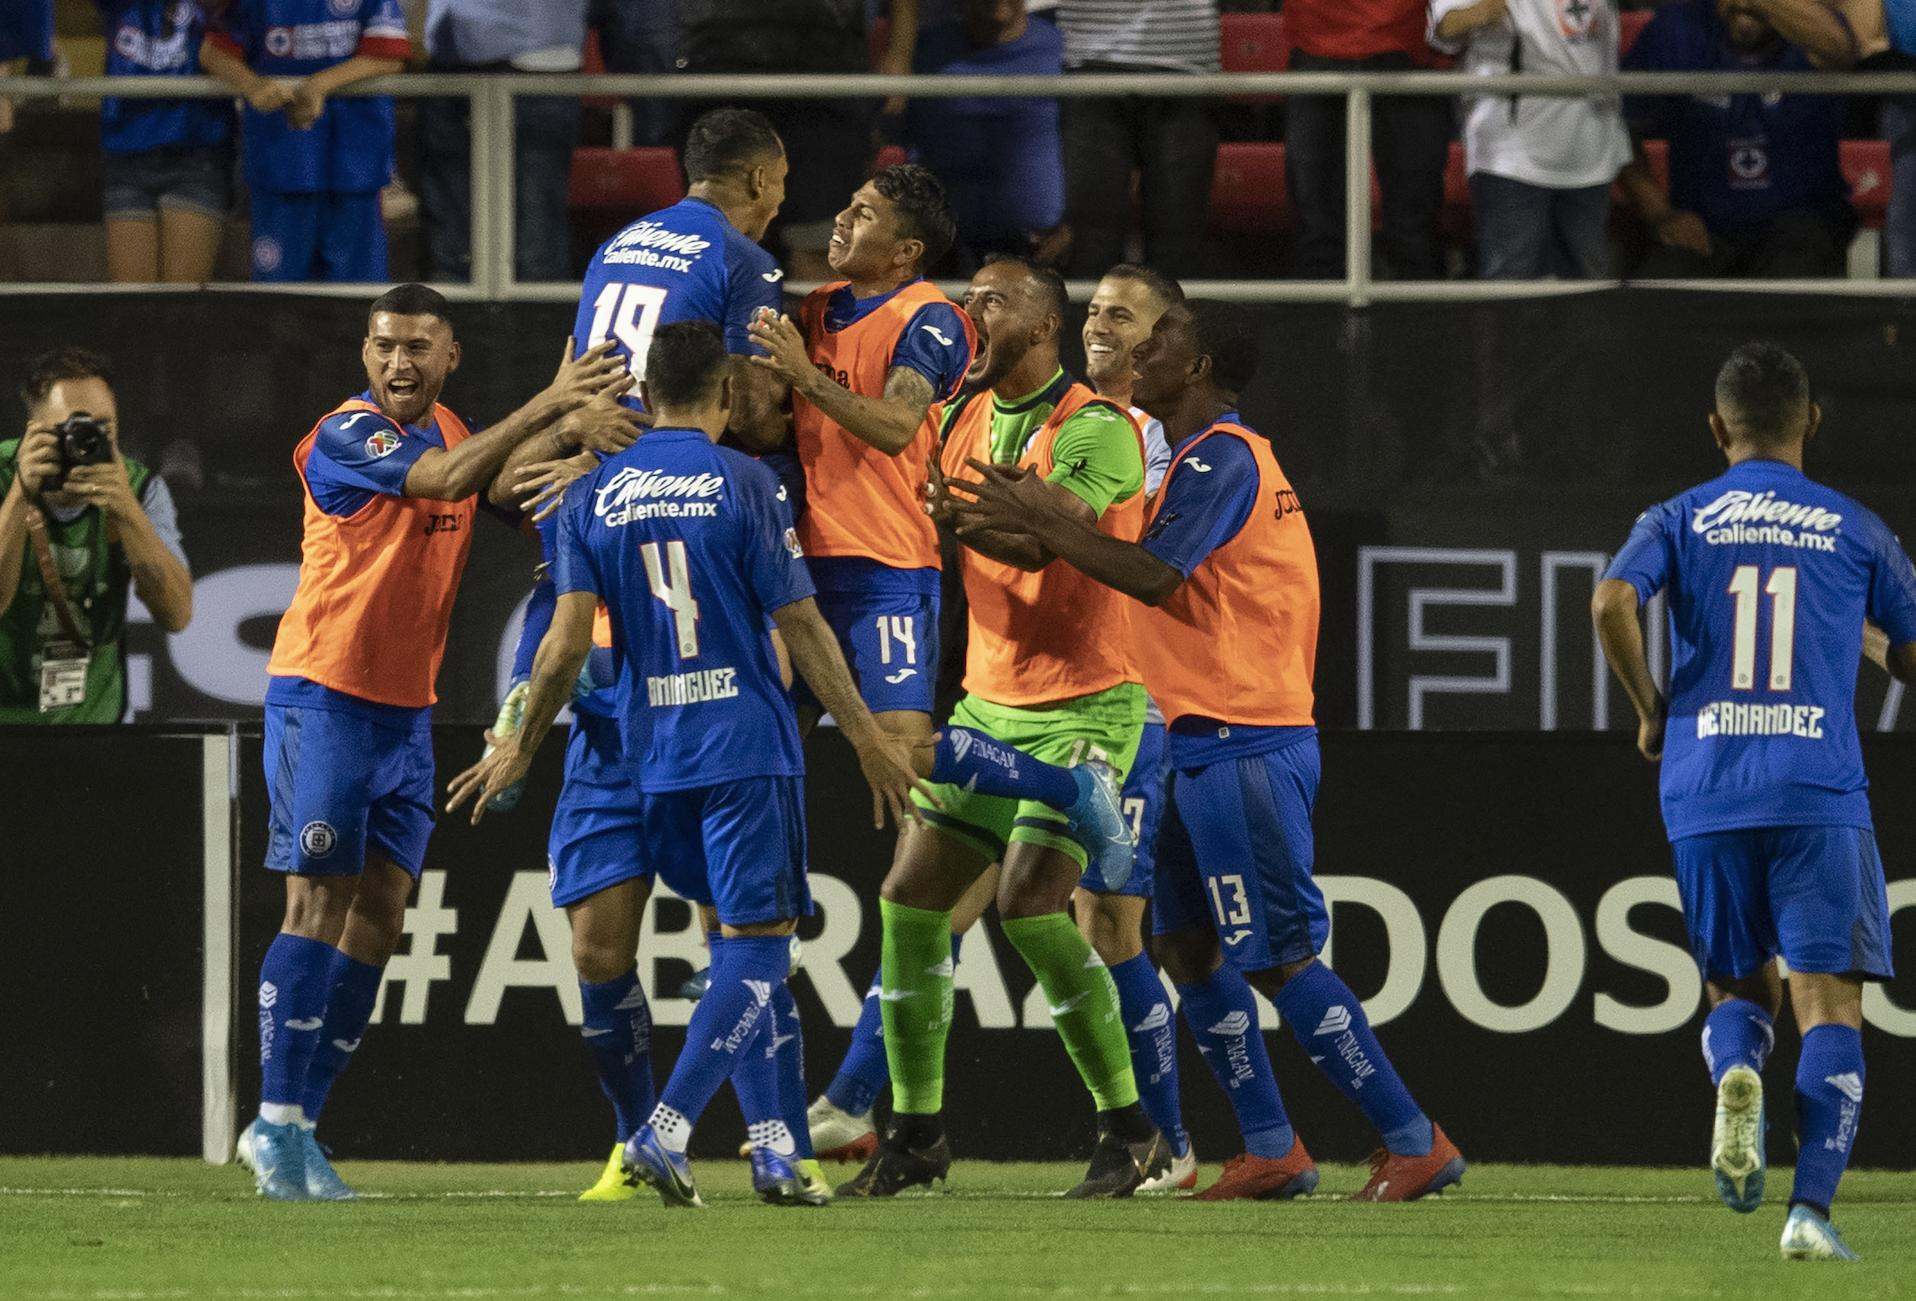 Cruz Azul le pegó a Tigres. Foto: Twitter